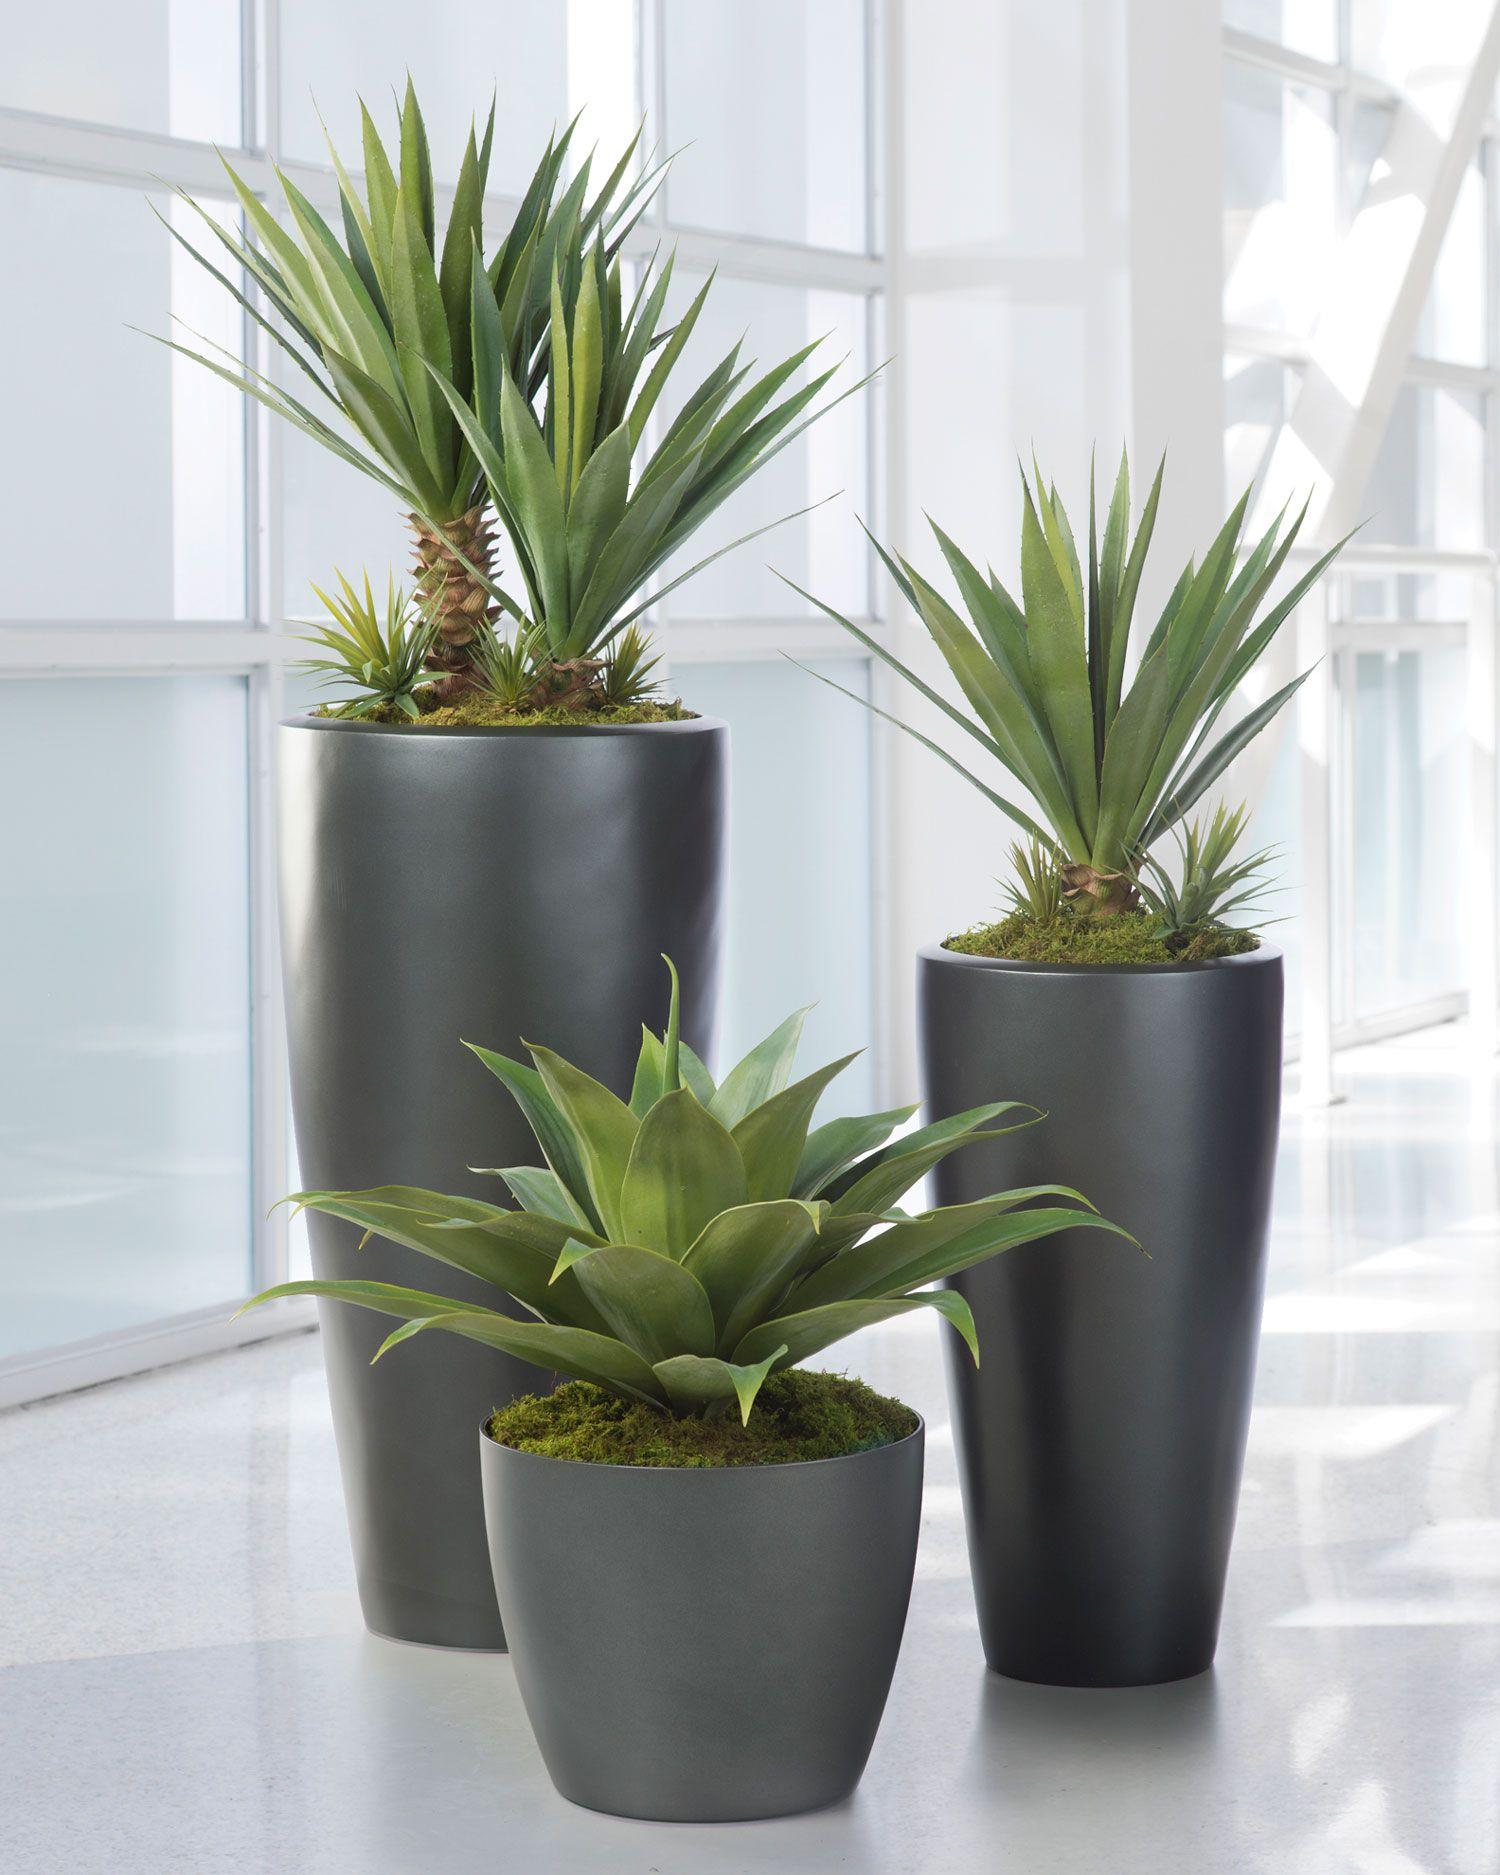 Medium Agave Americana Artificial Plant   Silkflowers.com